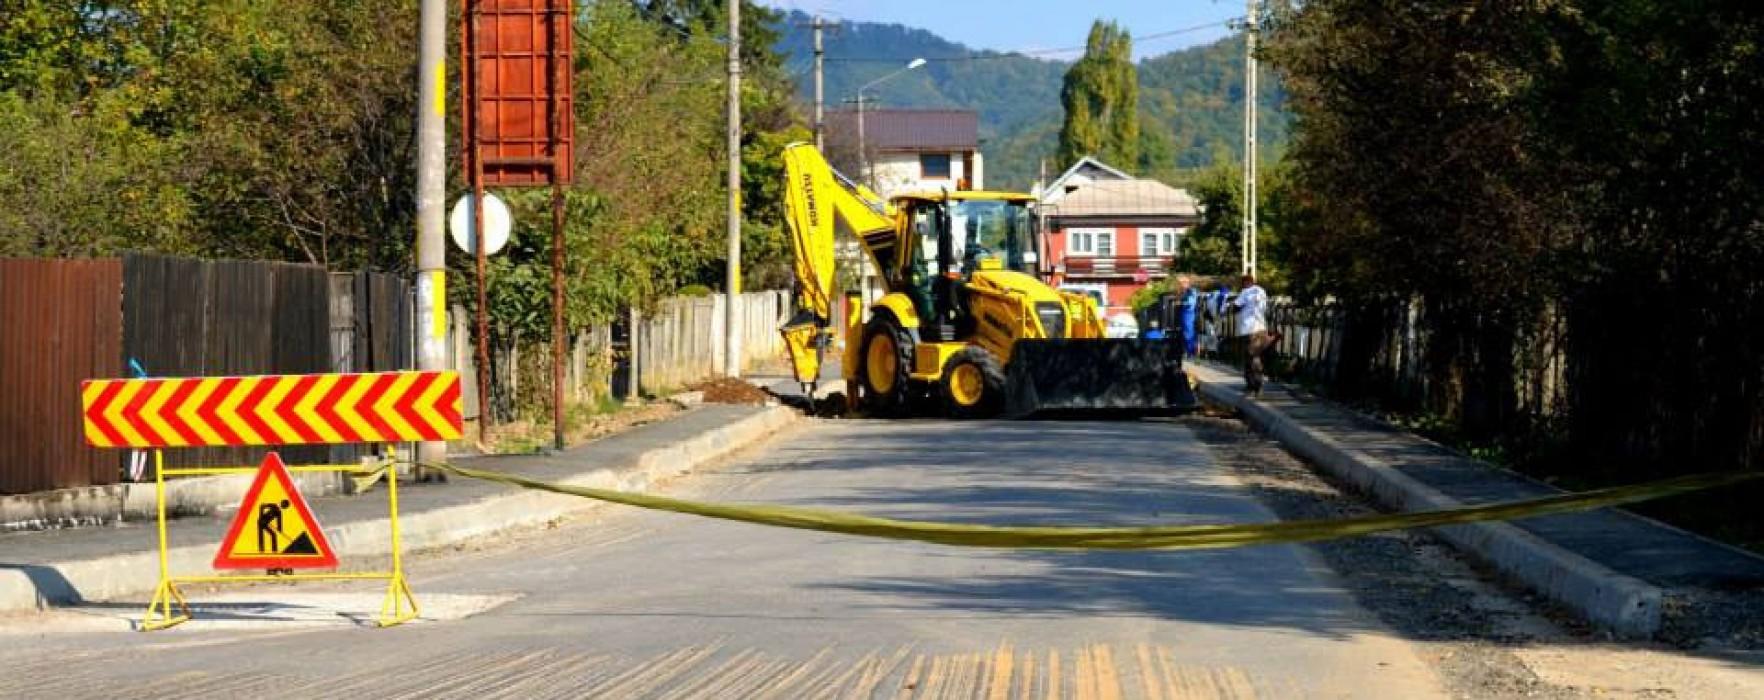 Lucrări de asfaltare la Pucioasa